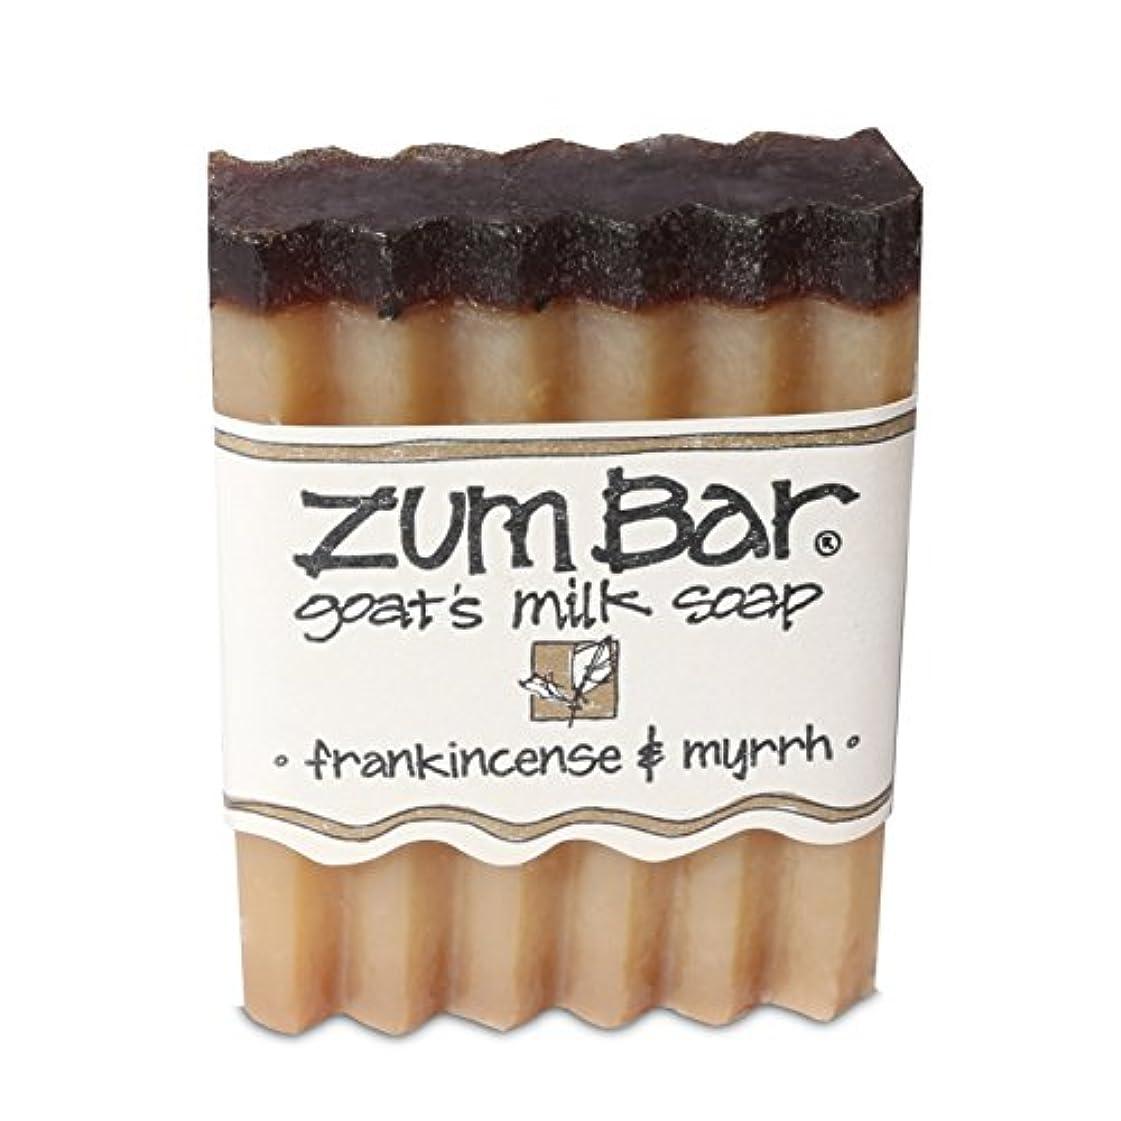 厚さいとこ散逸海外直送品 Indigo Wild, Zum Bar, Goat's ミルク ソープ フランキンセンス&ミルラ, 3 Ounces (2個セット) (Frankincense & Myrrh) [並行輸入品]